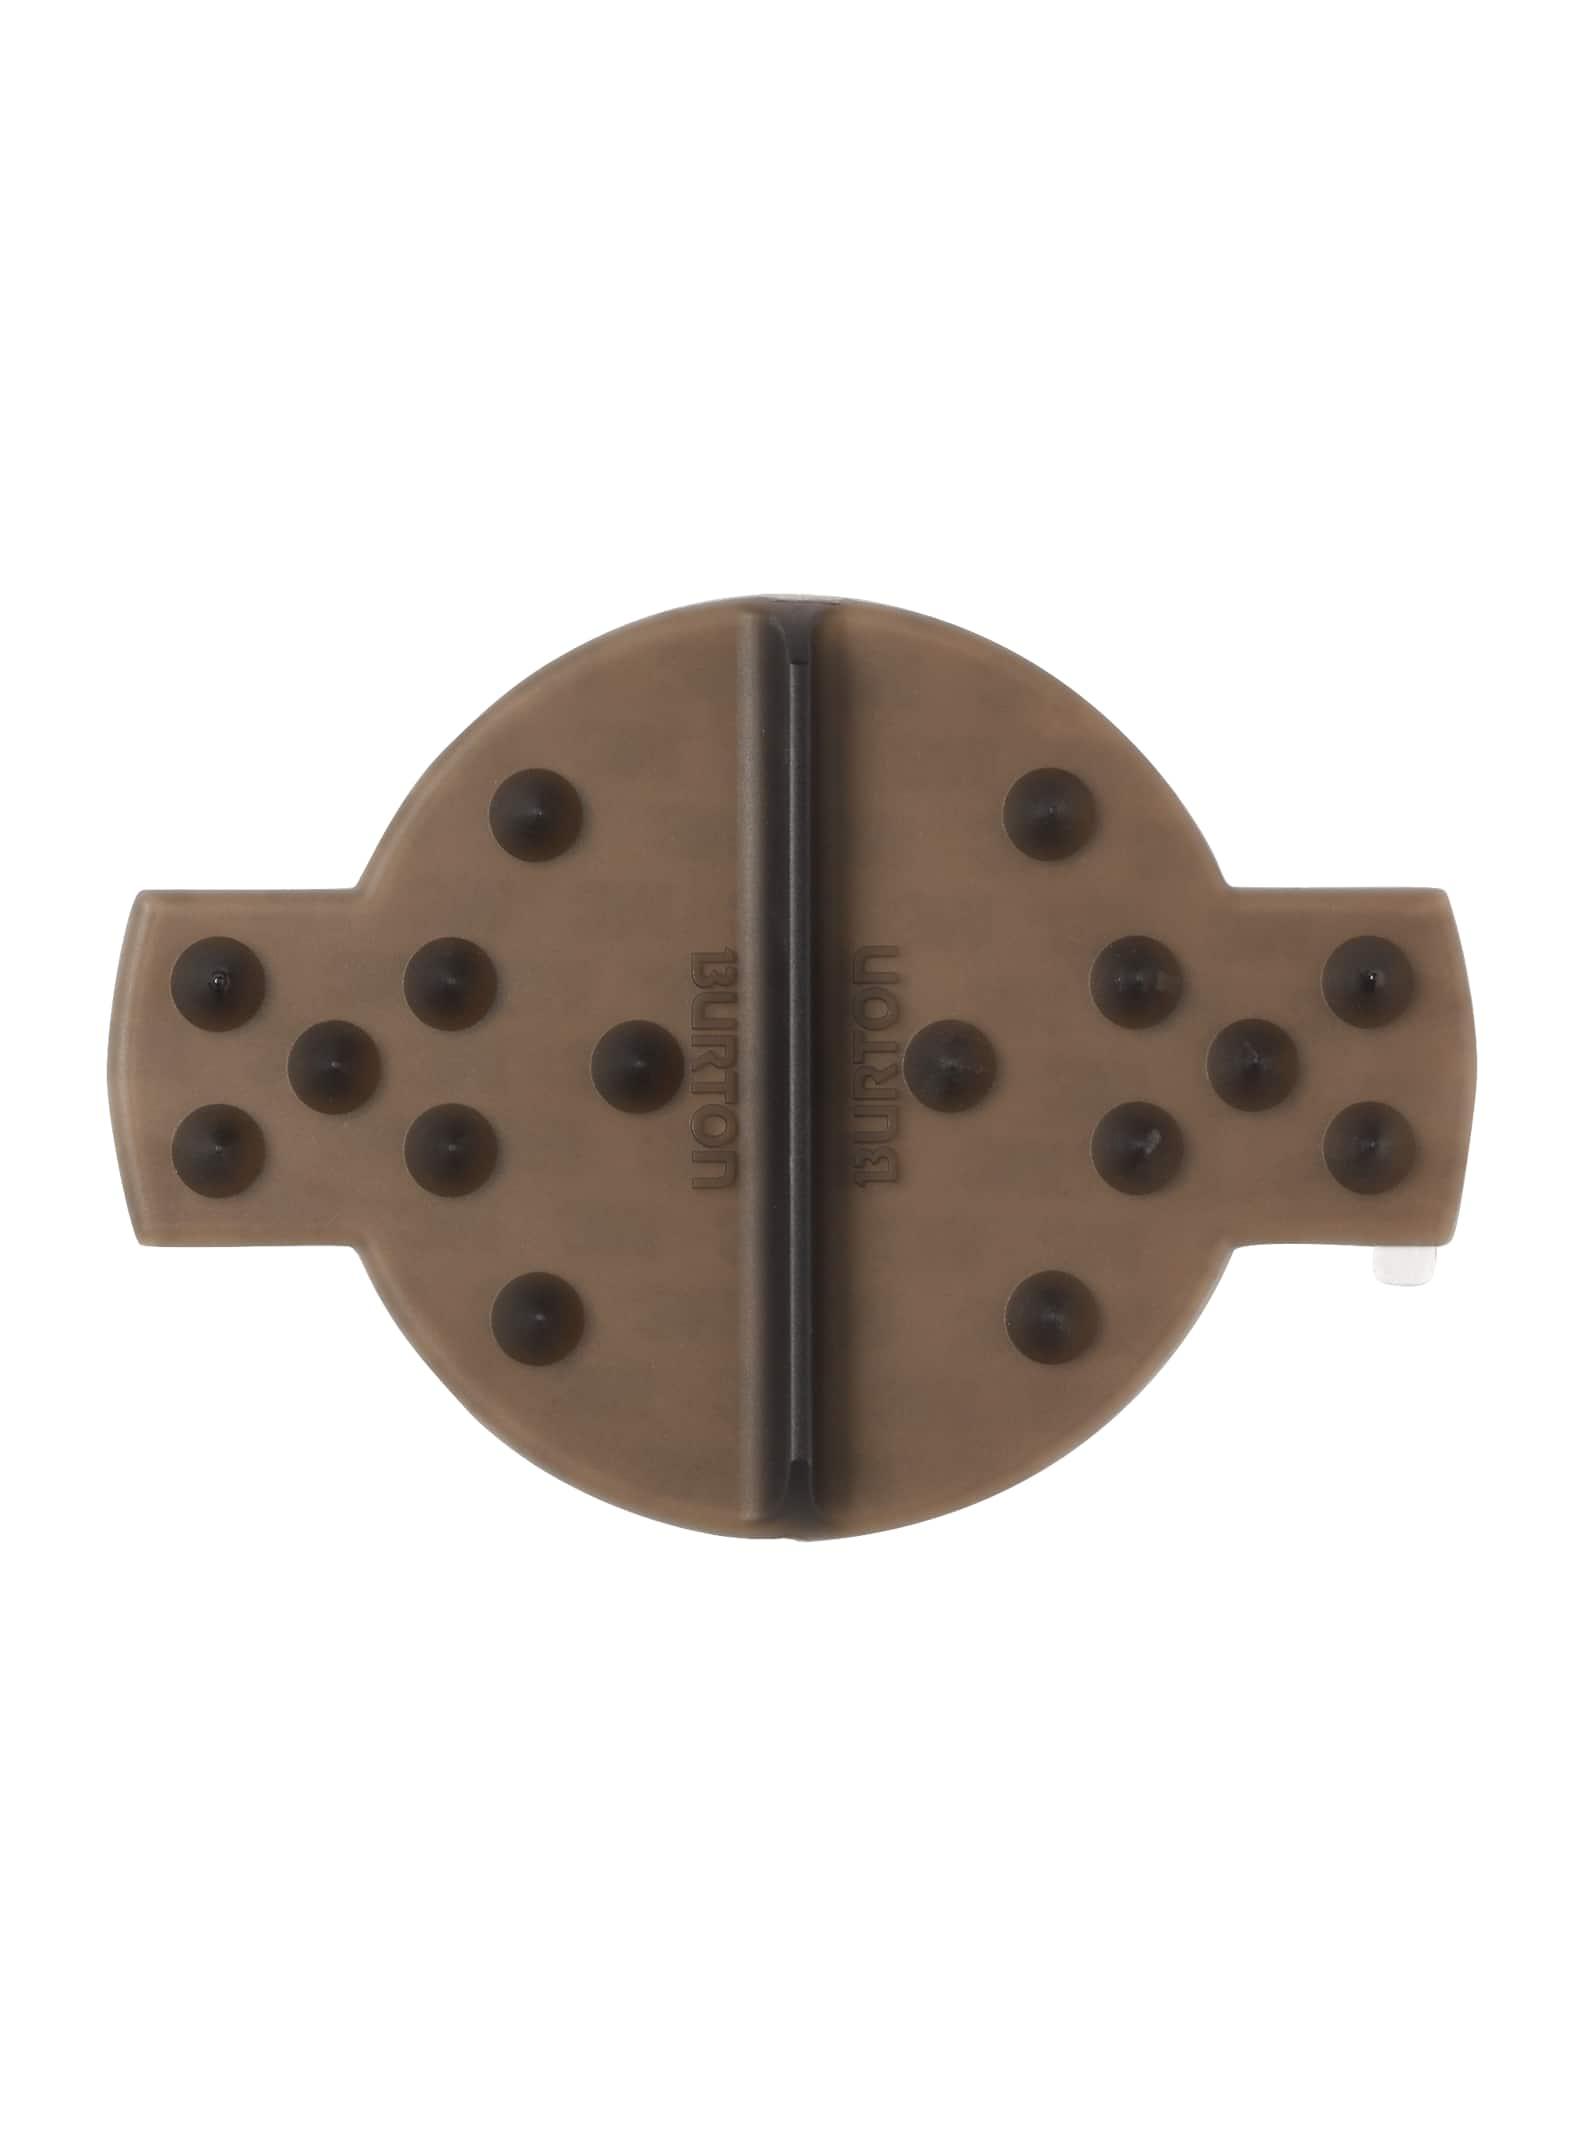 Burton Large Scraper Pad, Translucent Black